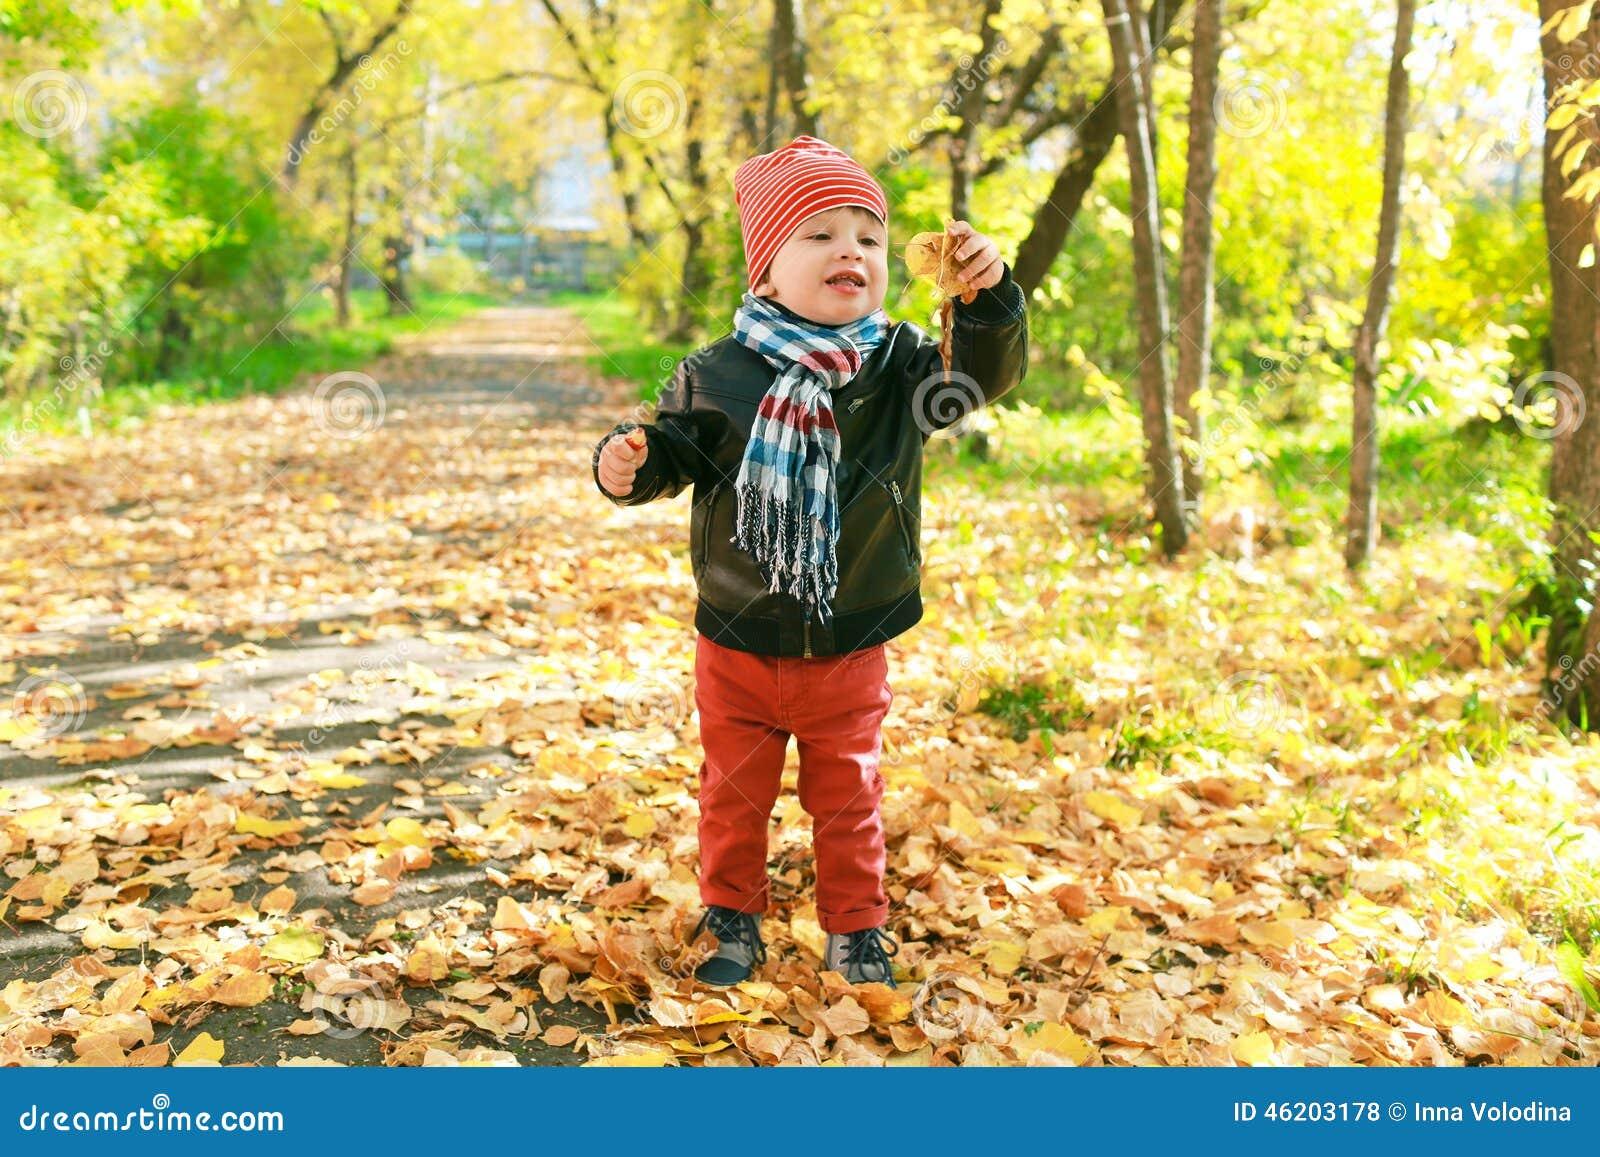 jeux de petit enfant heureux avec des feuilles en automne dehors photo stock image 46203178. Black Bedroom Furniture Sets. Home Design Ideas